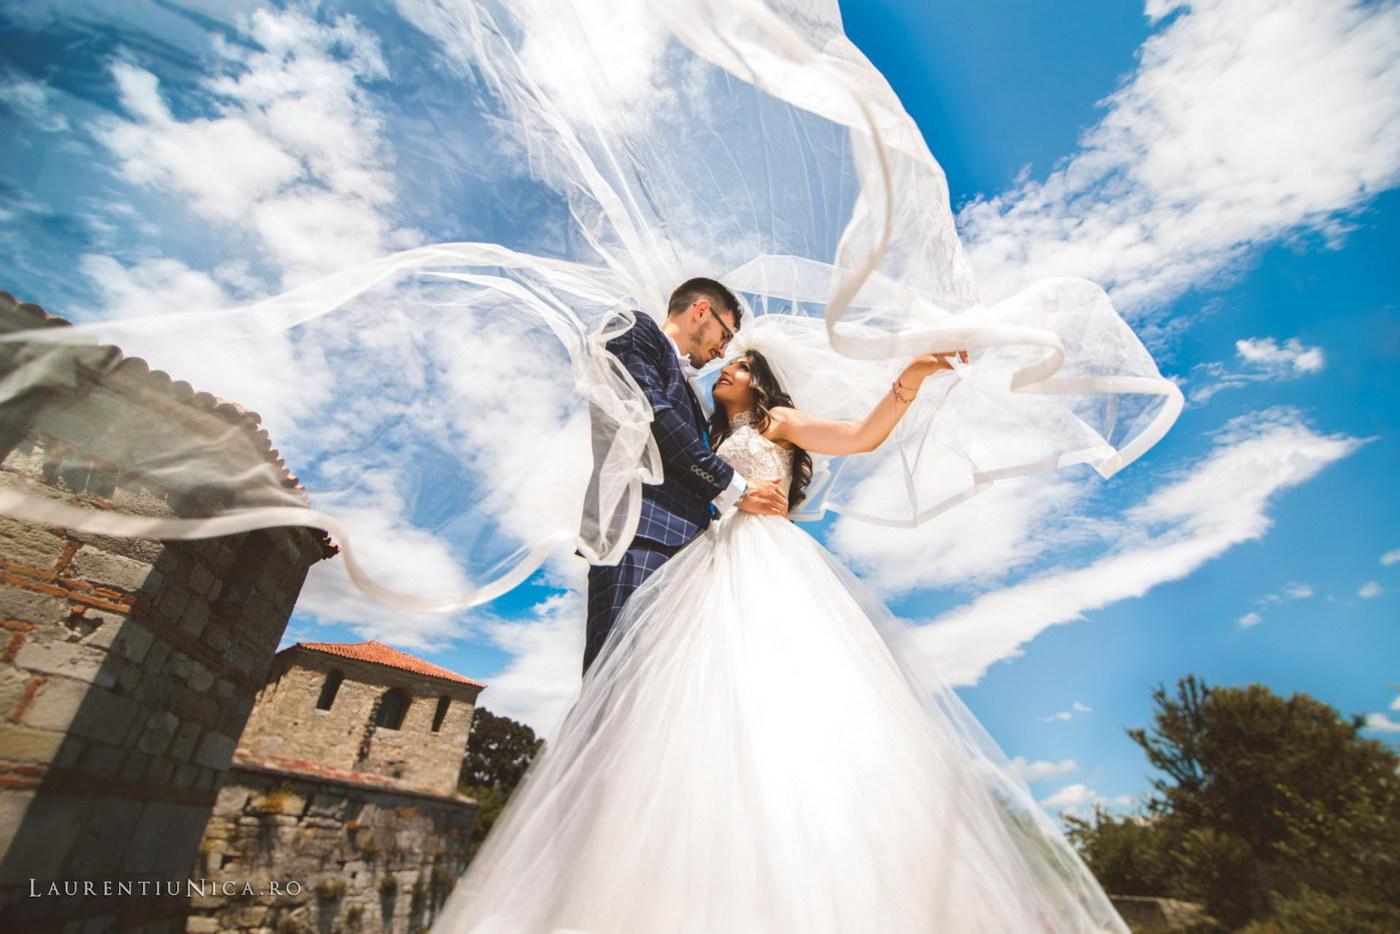 Momente la nunta care trebuie surprinse in poze